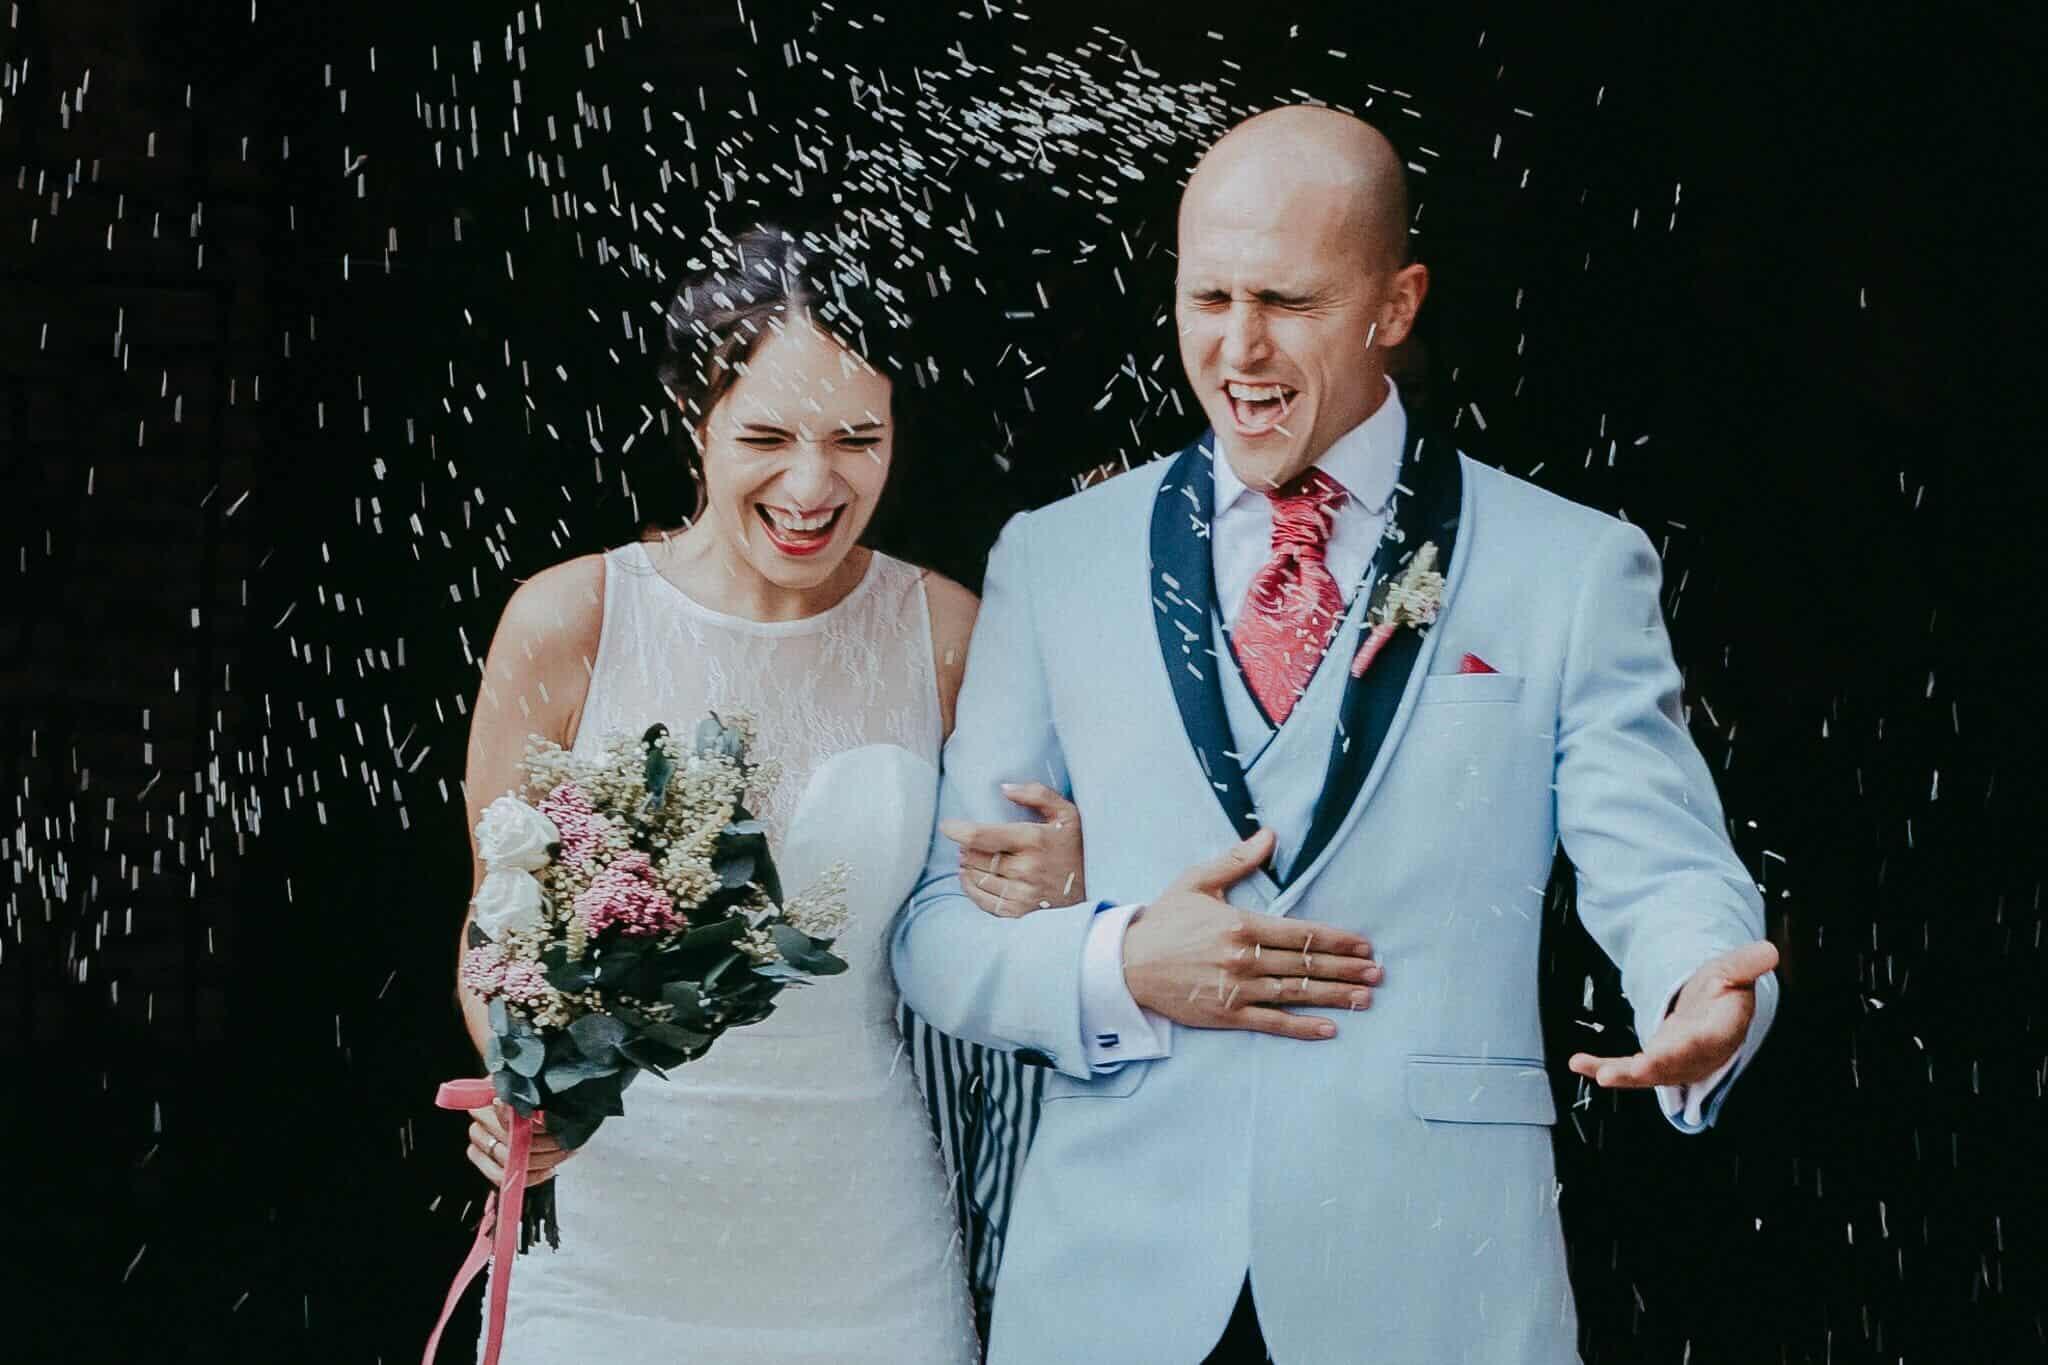 La boda de Yvonne y José